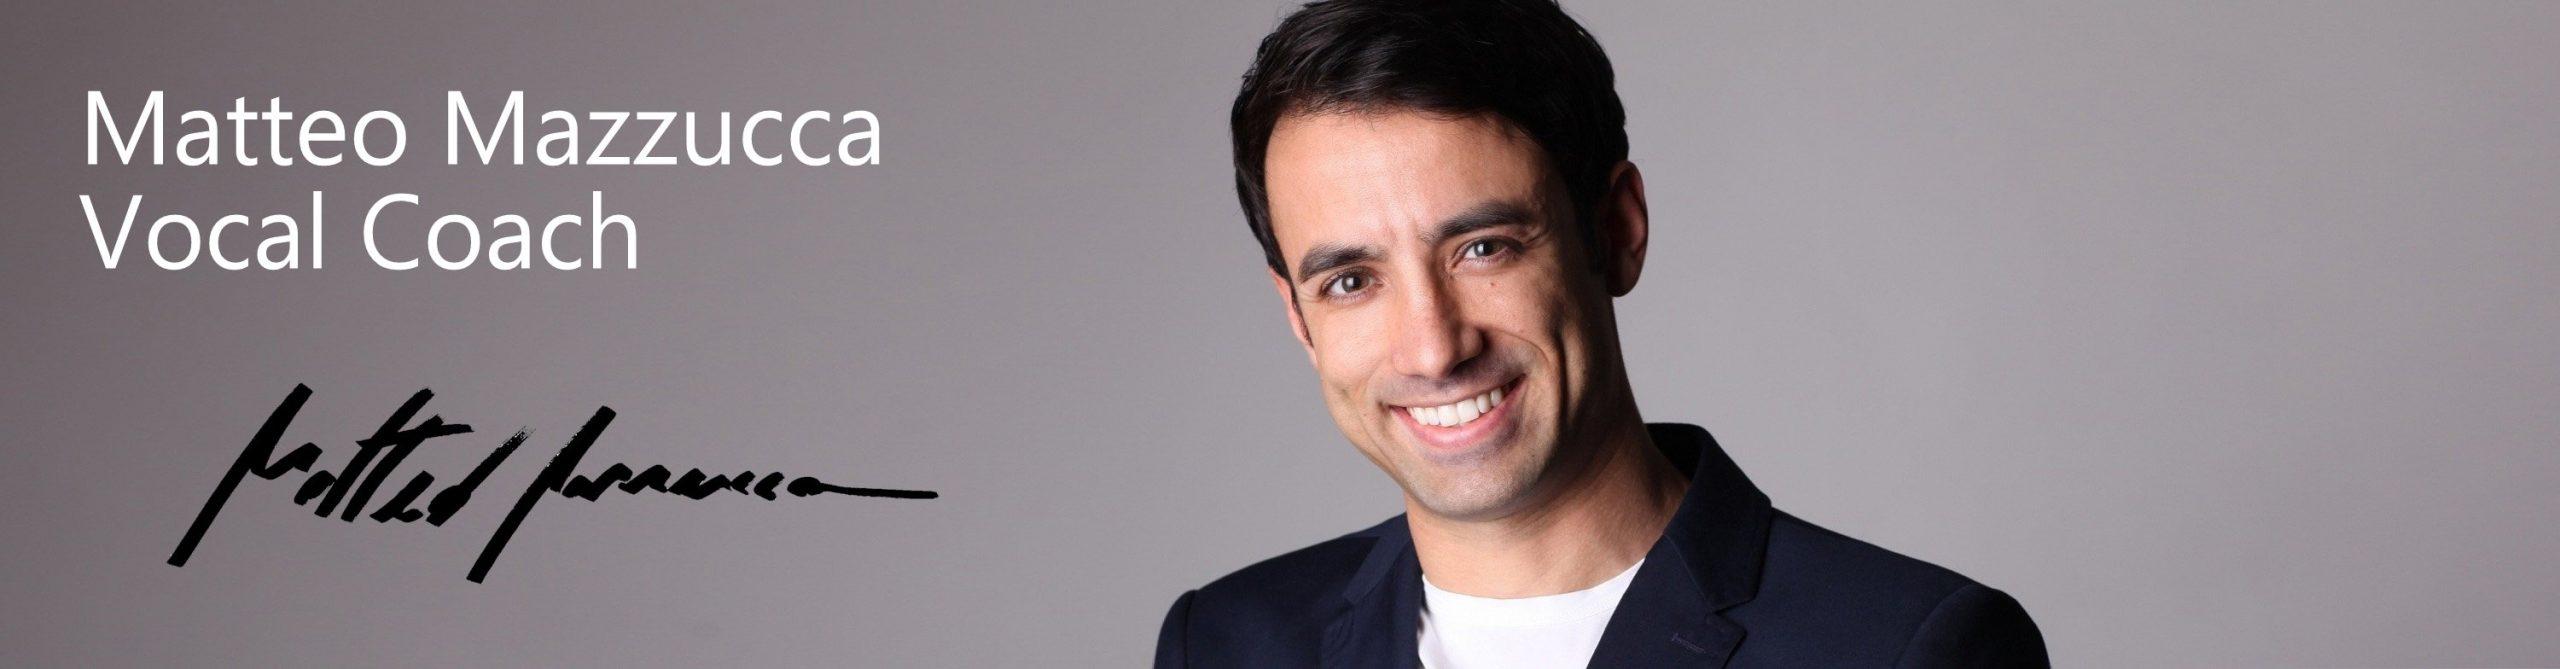 Matteo Mazzucca – Vocal Coach